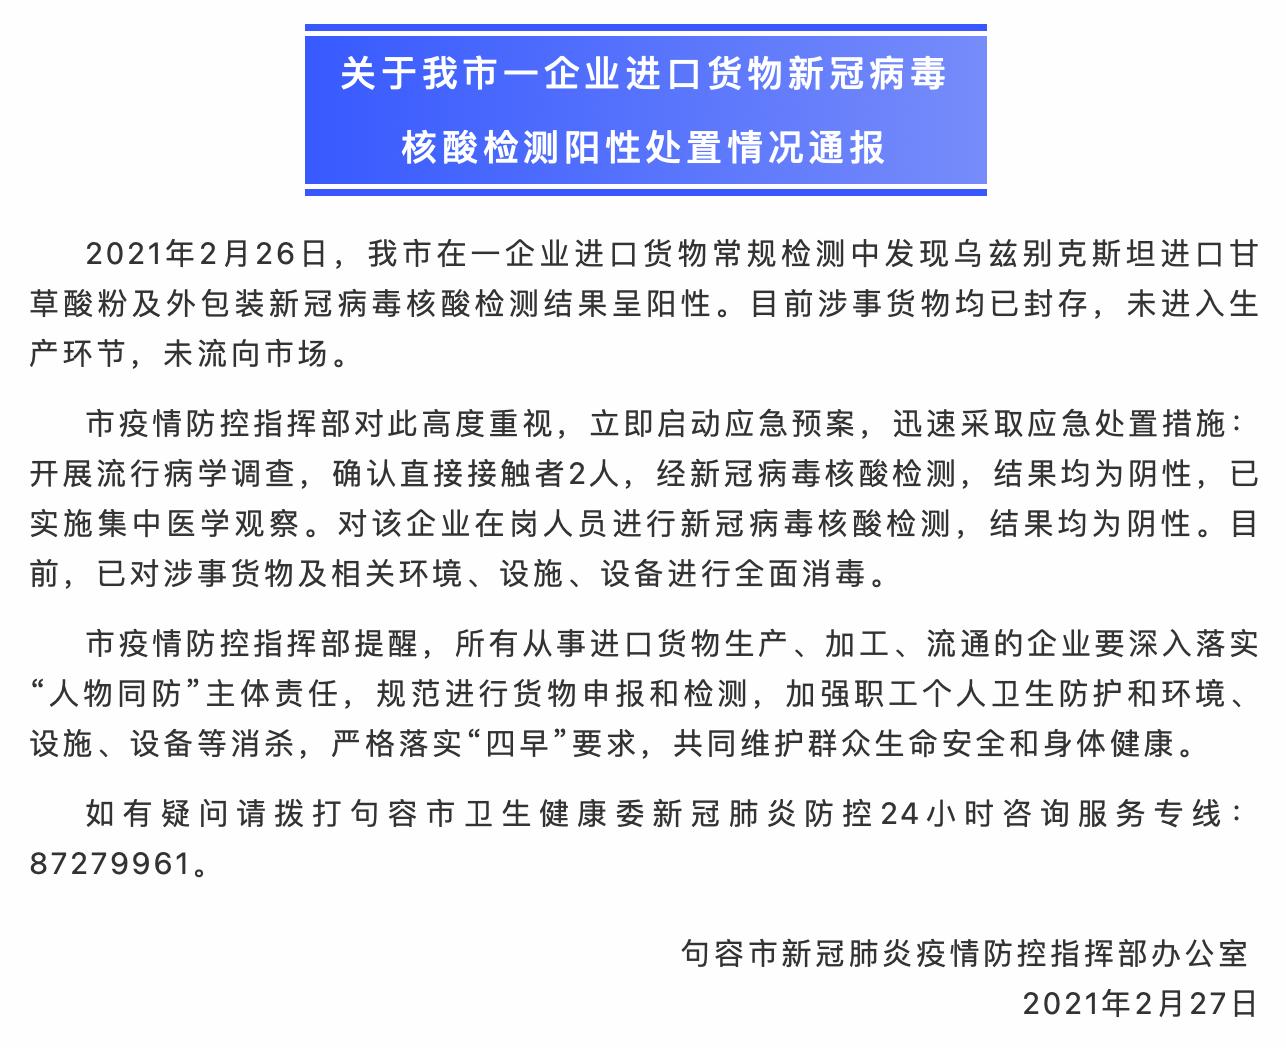 江苏句容进口甘草酸粉核酸阳性最新消息 更多细节曝光!